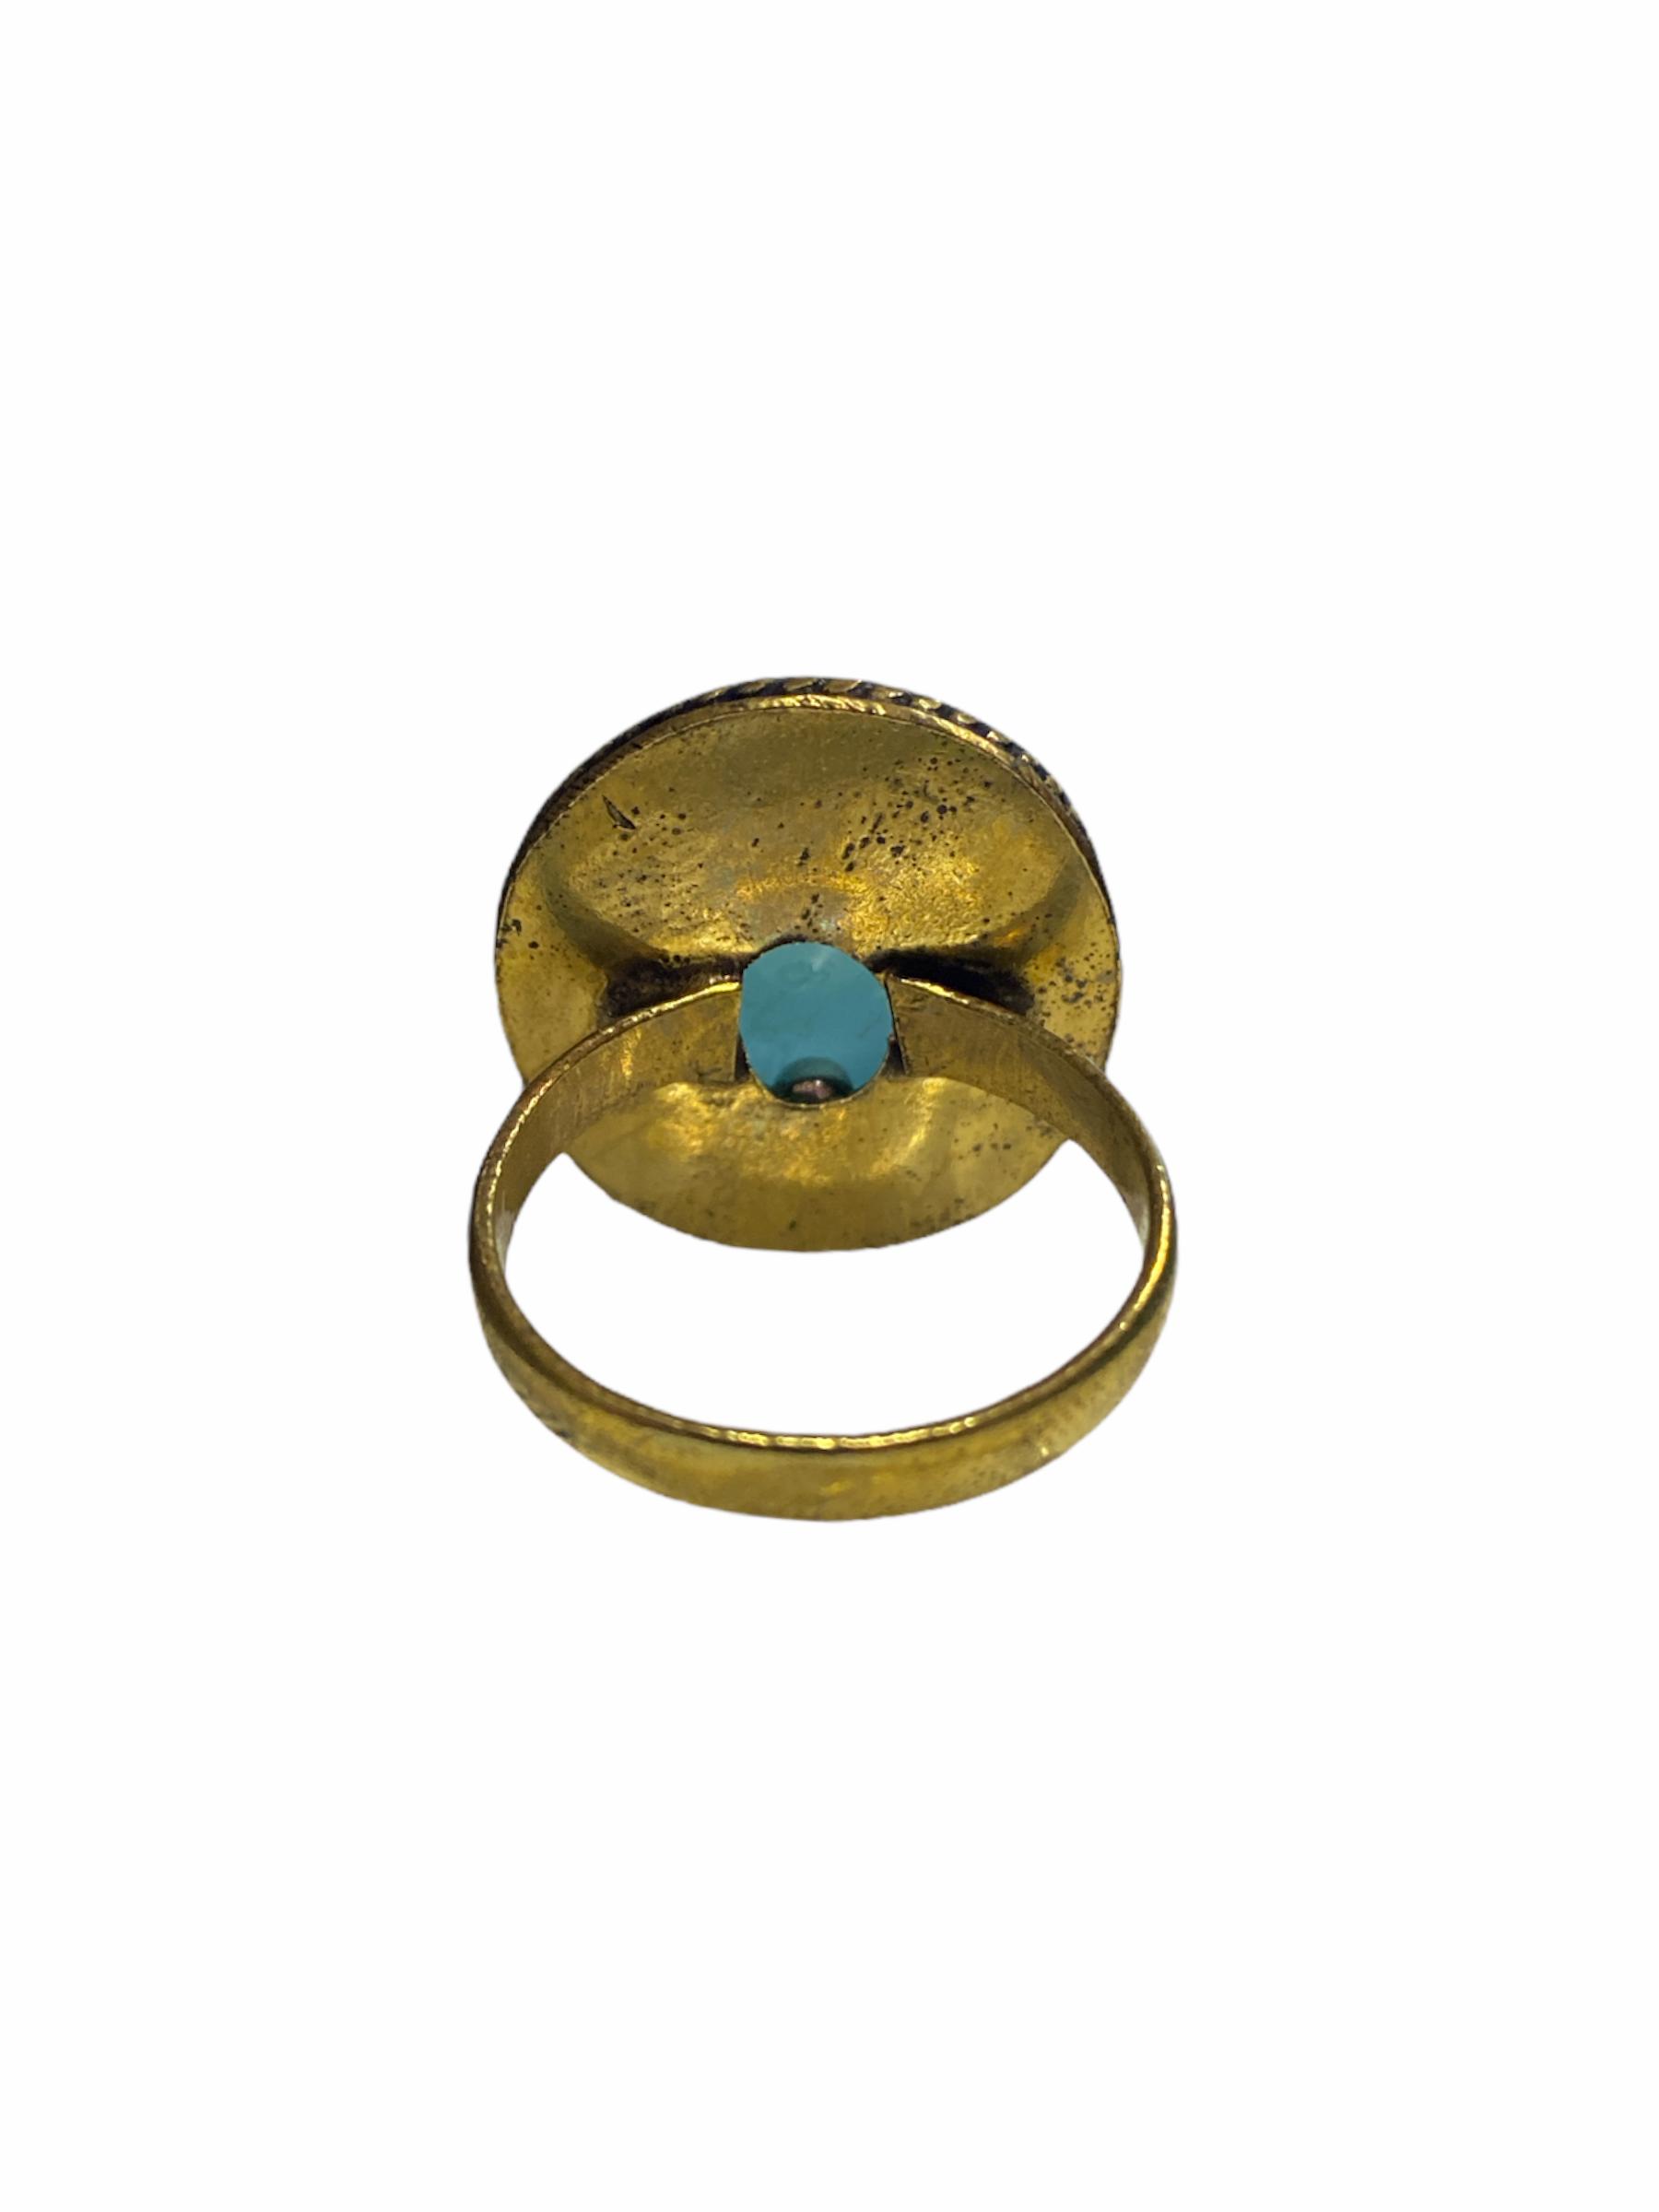 Δαχτυλίδι Χειροποίητο Με Οπάλιο Σε Χρυσό Χρώμα